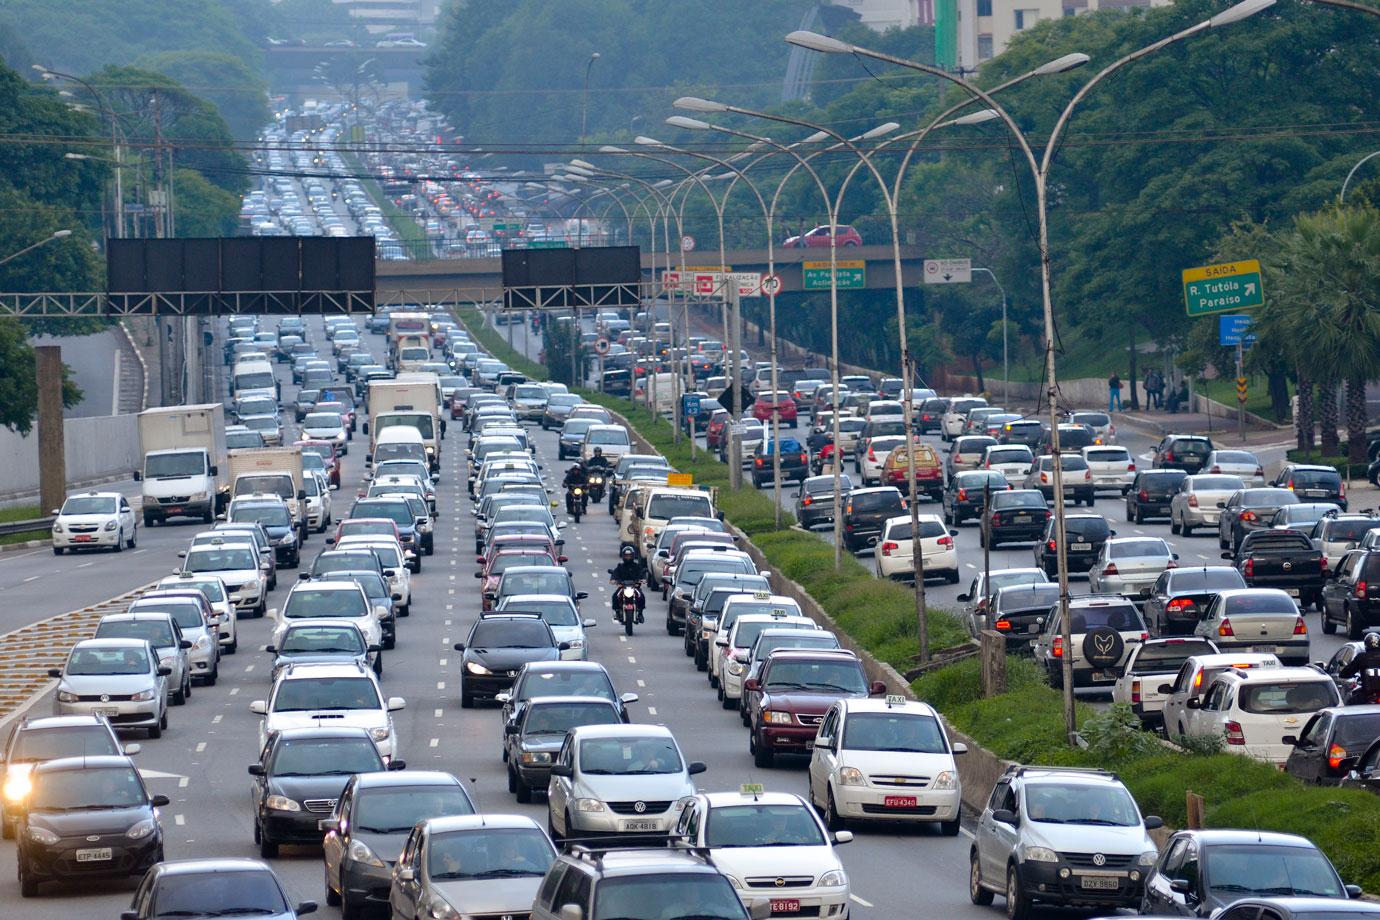 Trabalhos científicos têm mostrado a eficácia do sistema de pontos para conter a violência no trânsito.